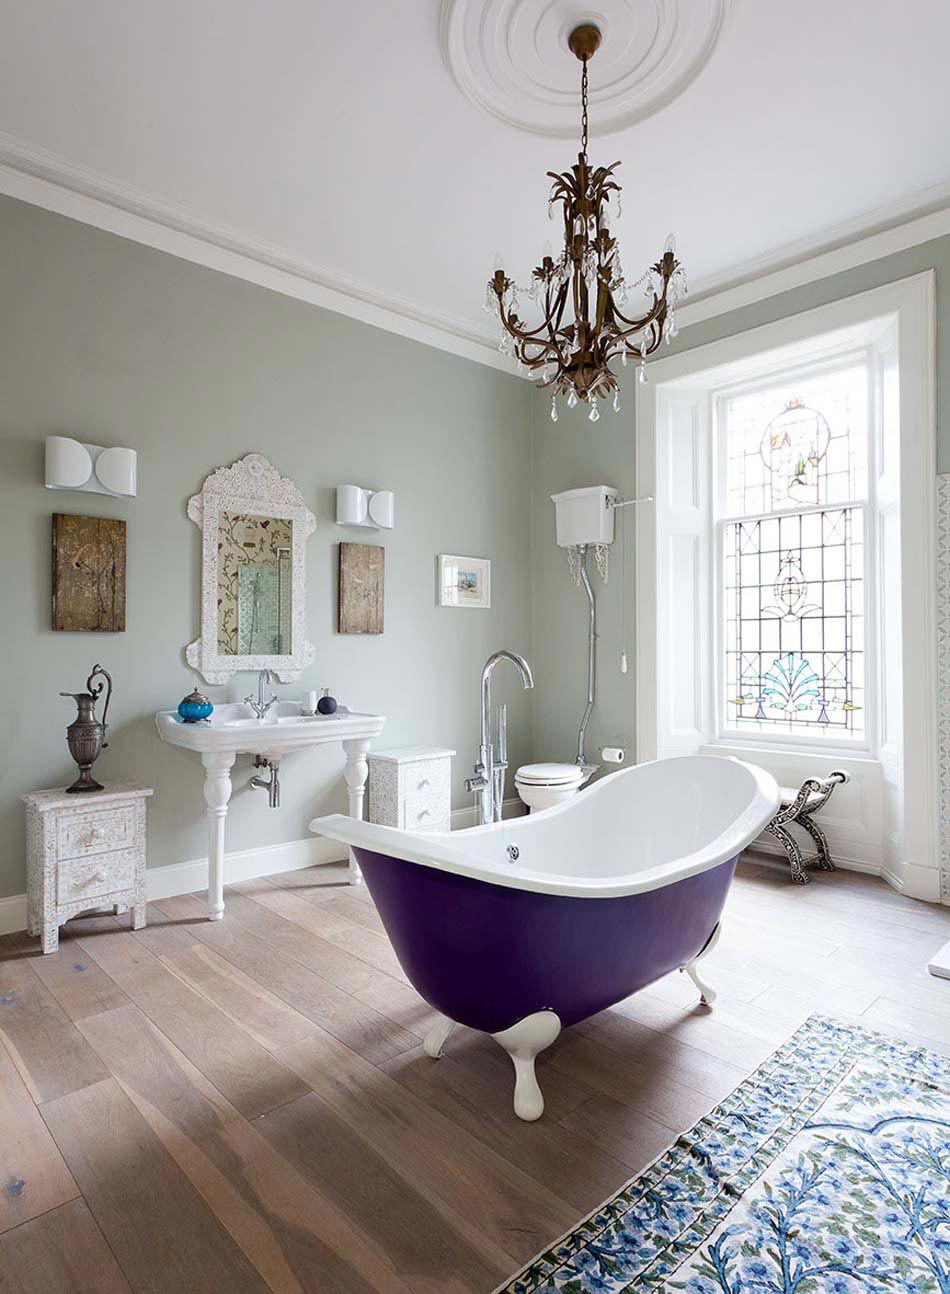 Salle De Bain Beige Meuble Taupe ~ baignoire de couleur pour relooker et embellir votre salle de bains